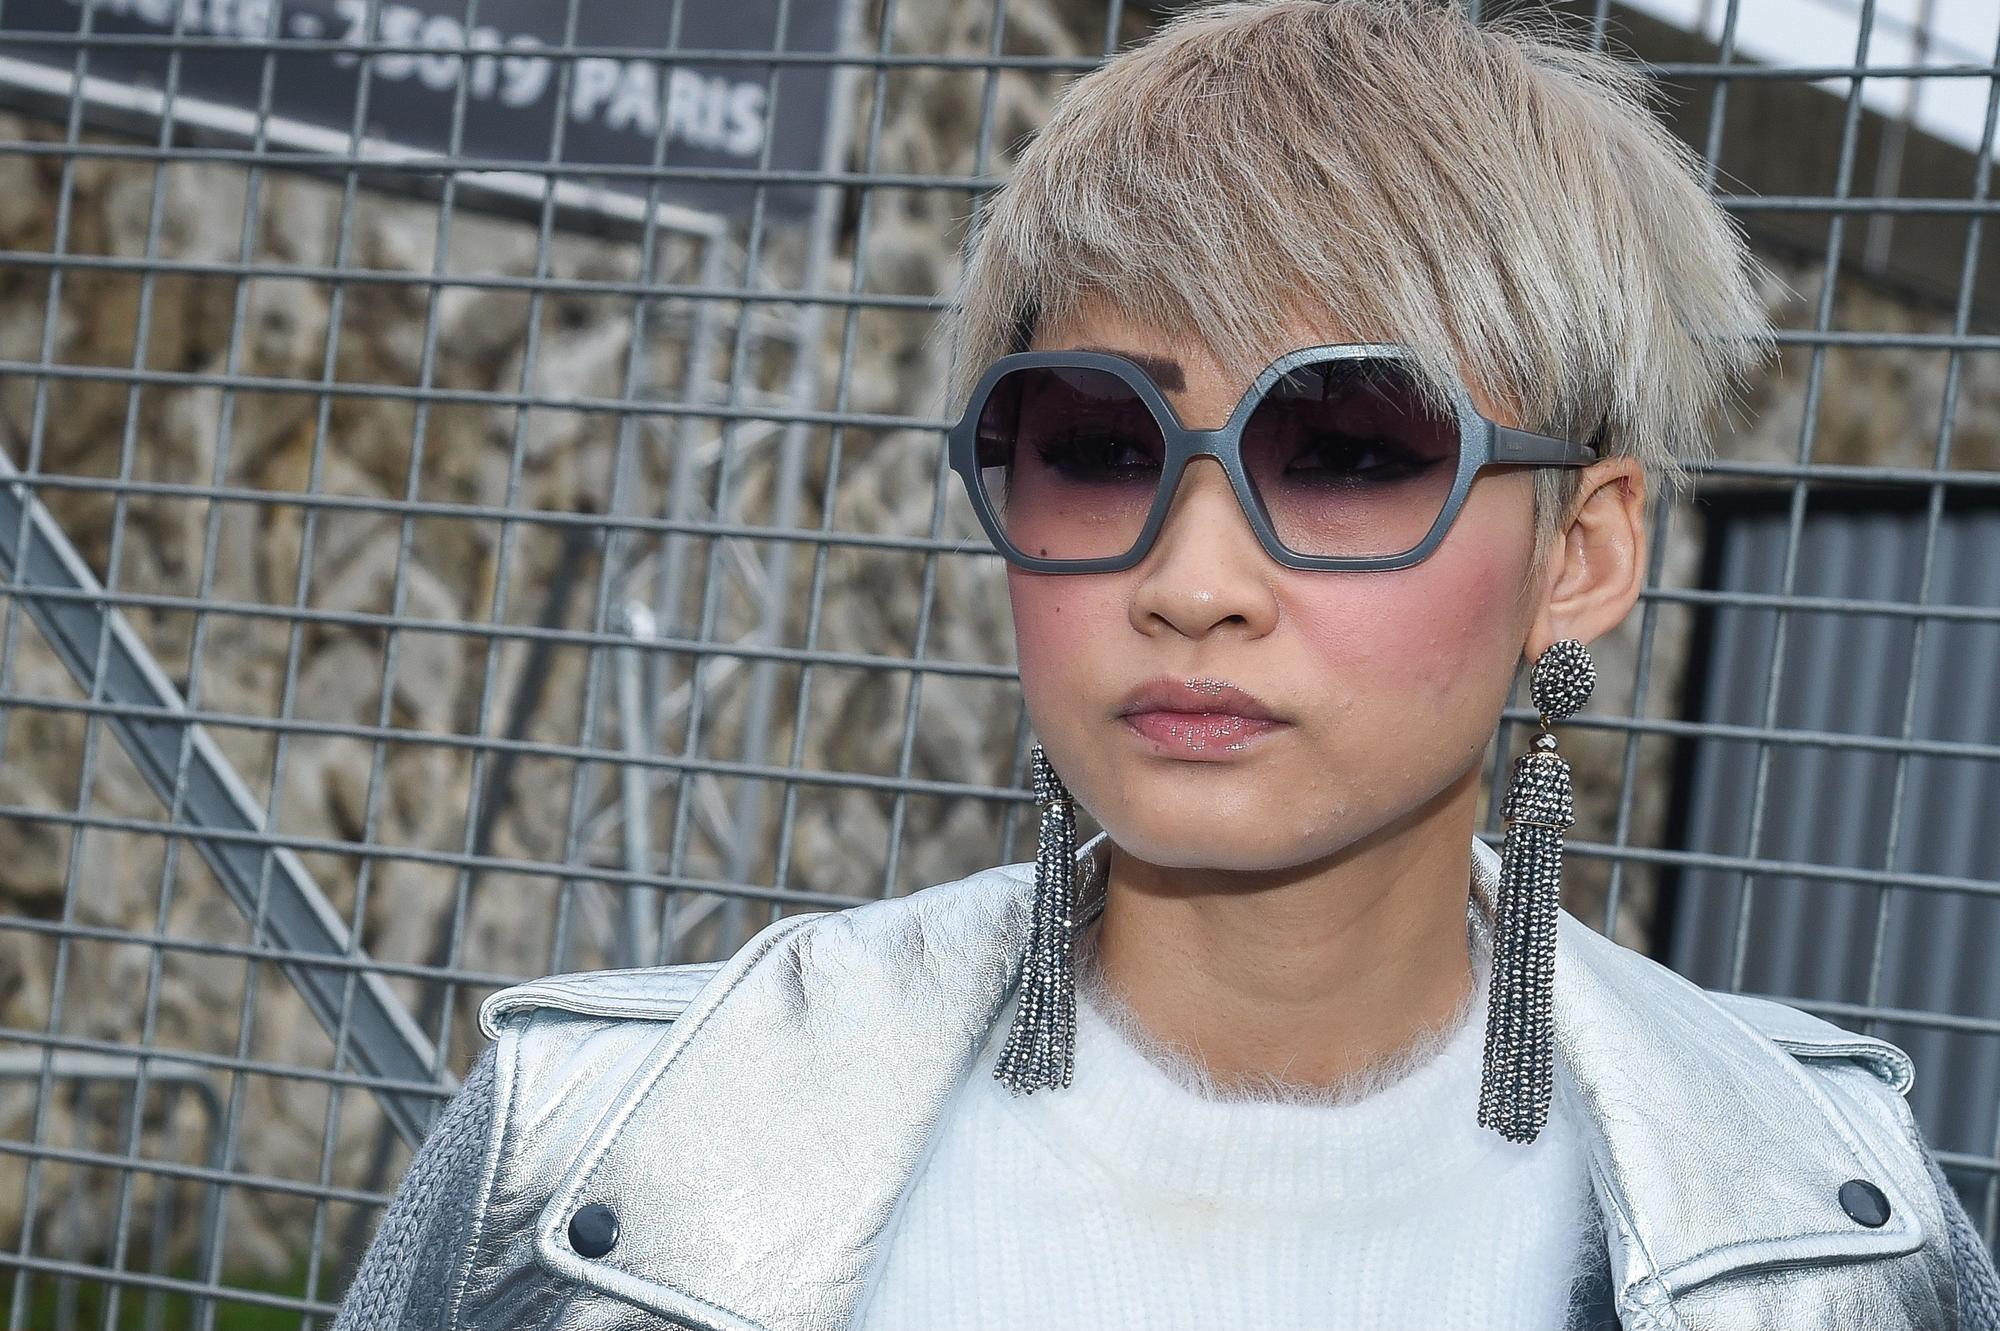 photo de style urbain d'une femme avec une coupe de cheveux pixie blonde cendrée argentée, portant des boucles d'oreilles et de grosses lunettes de soleil, avec un haut et une veste blancs, posant dans la rue.